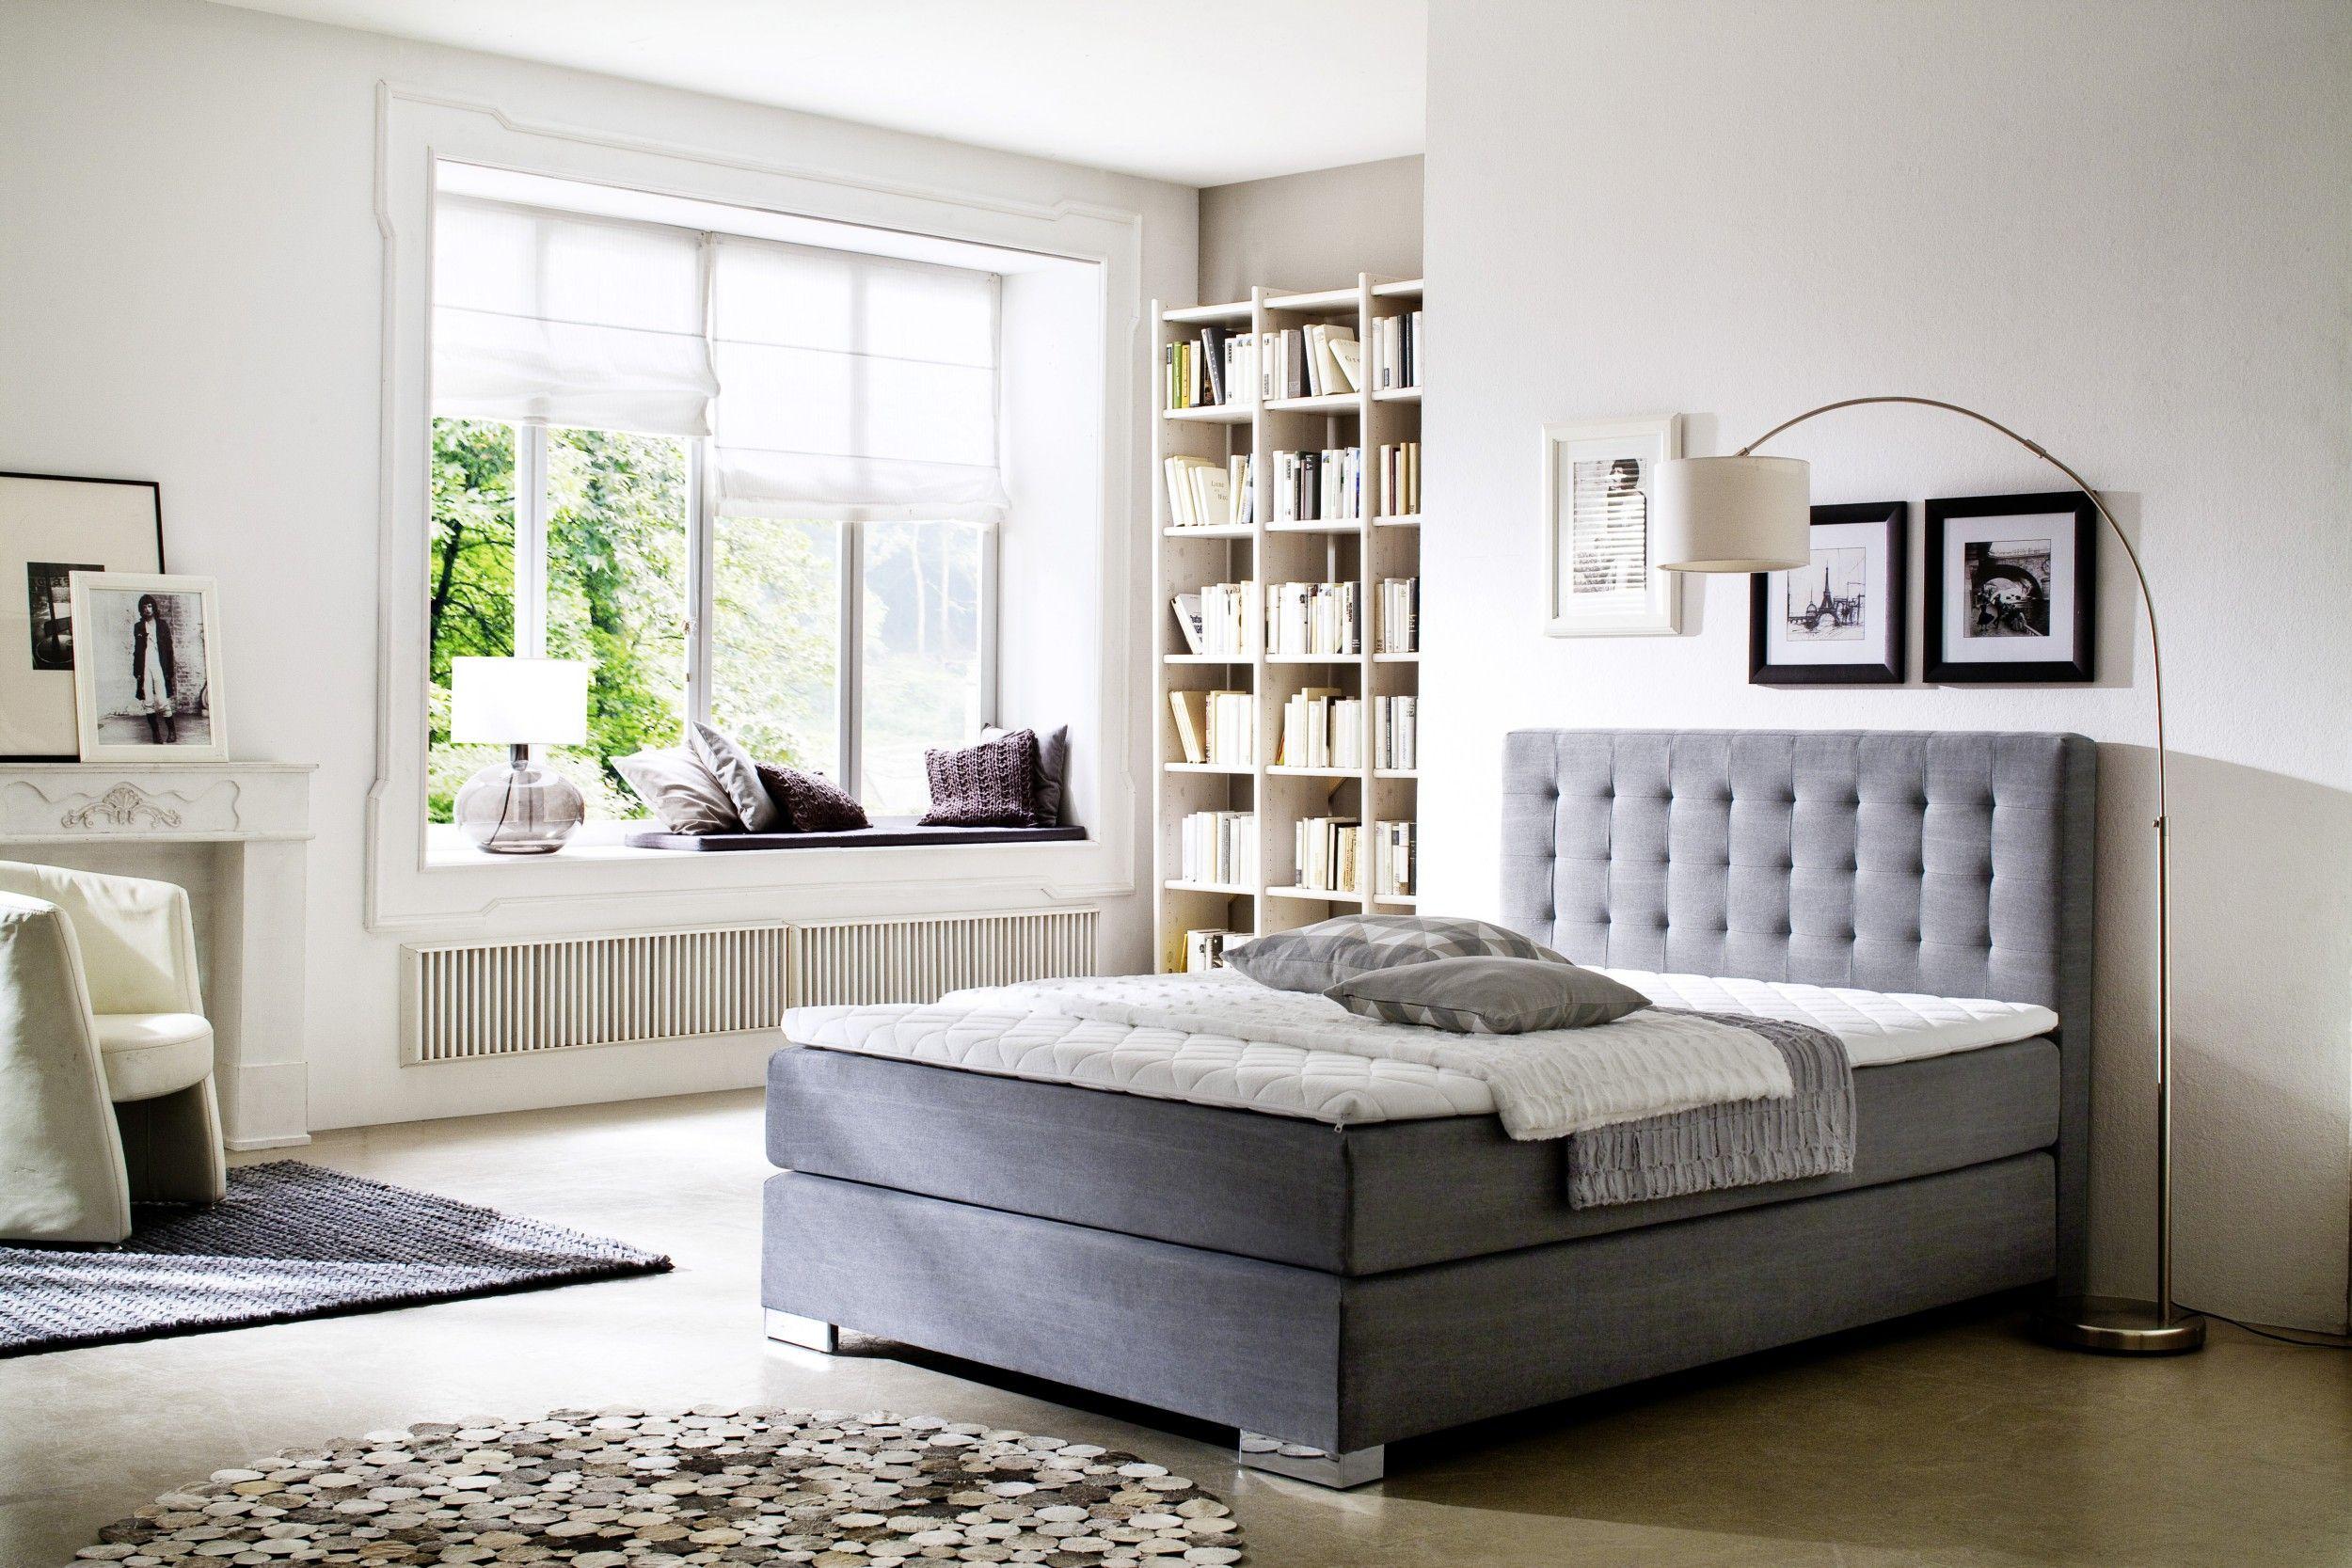 Dieses Hochwertige Graue Boxspringbett Bietet Ihnen Schlafkomfort